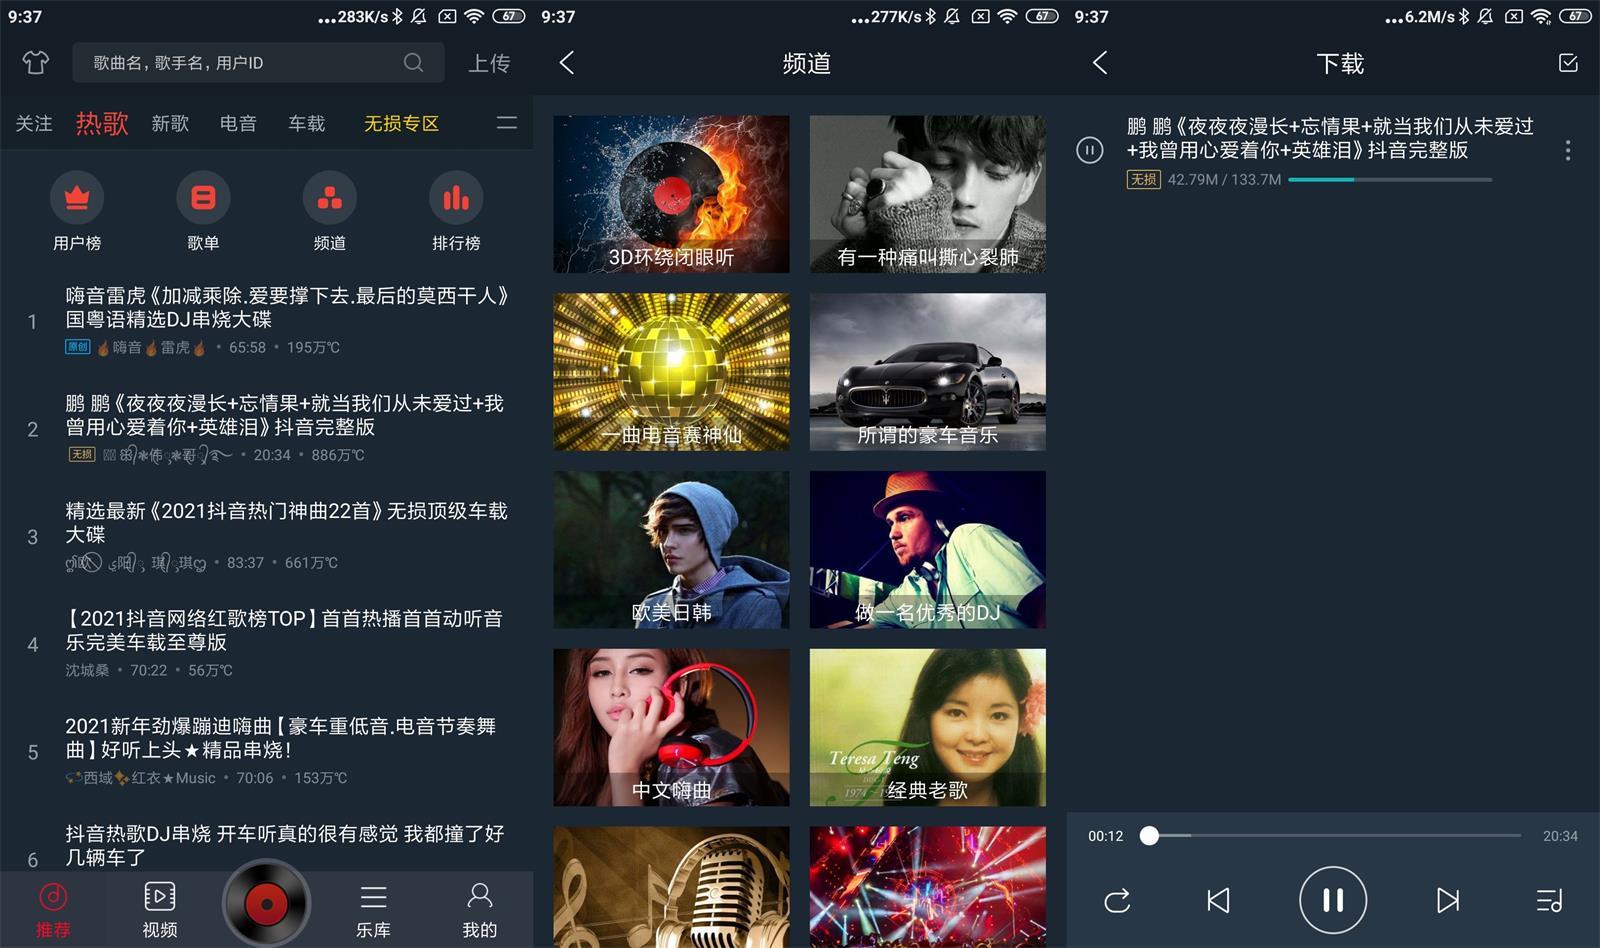 安卓DJ多多v4.5.4绿化版